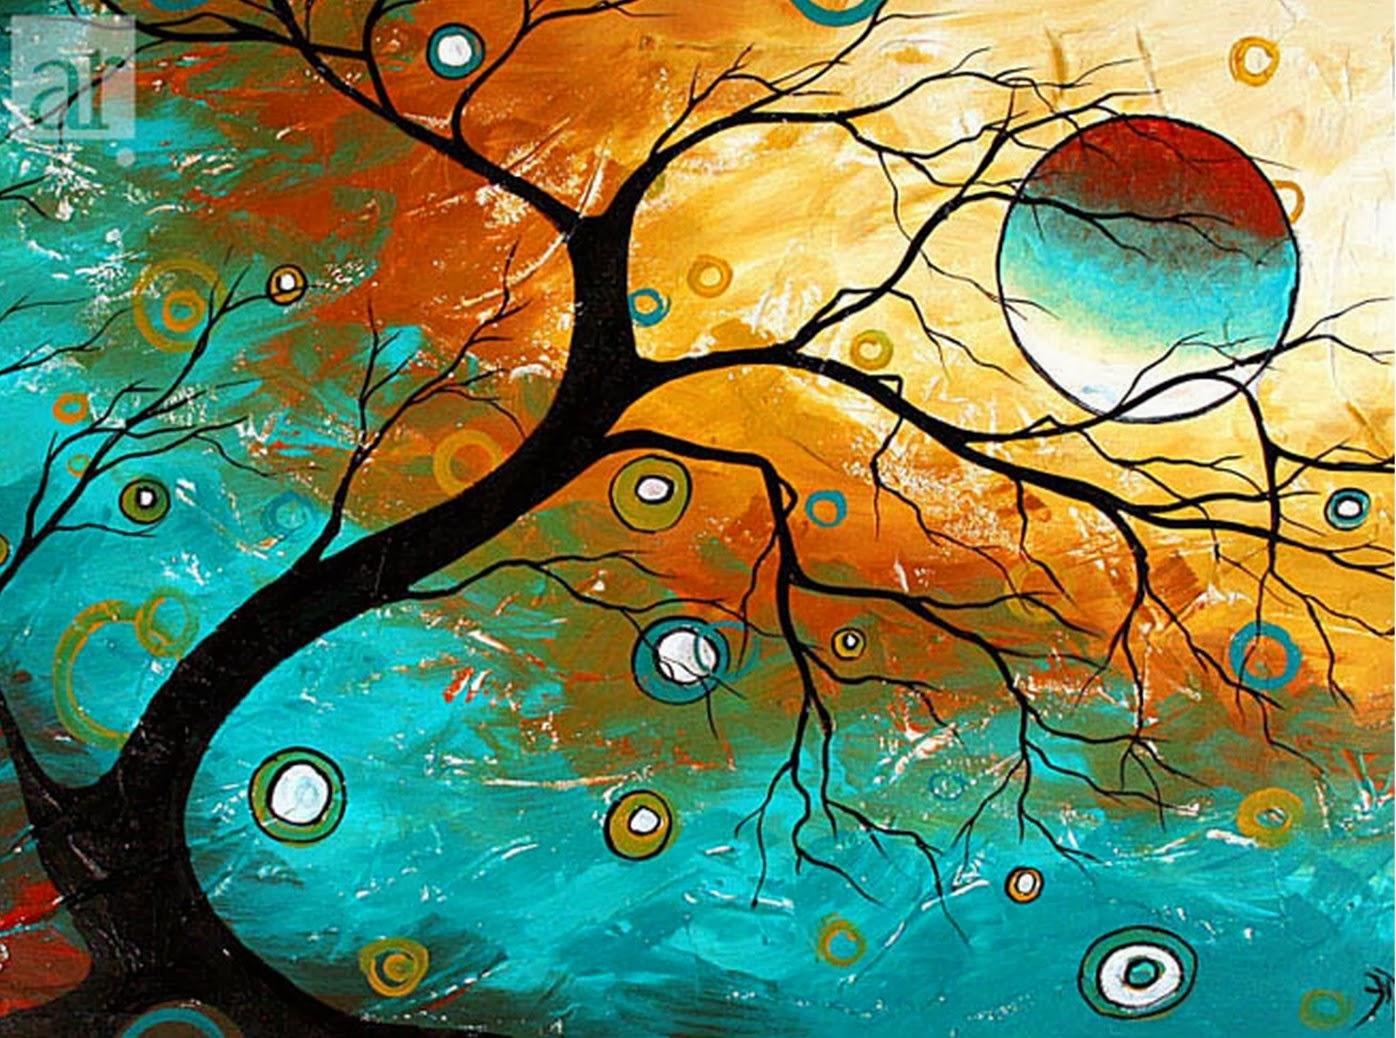 Cuadros modernos pinturas y dibujos cuadros modernos abstractos de paisajes aroon duncanson - Fotos cuadros abstractos ...